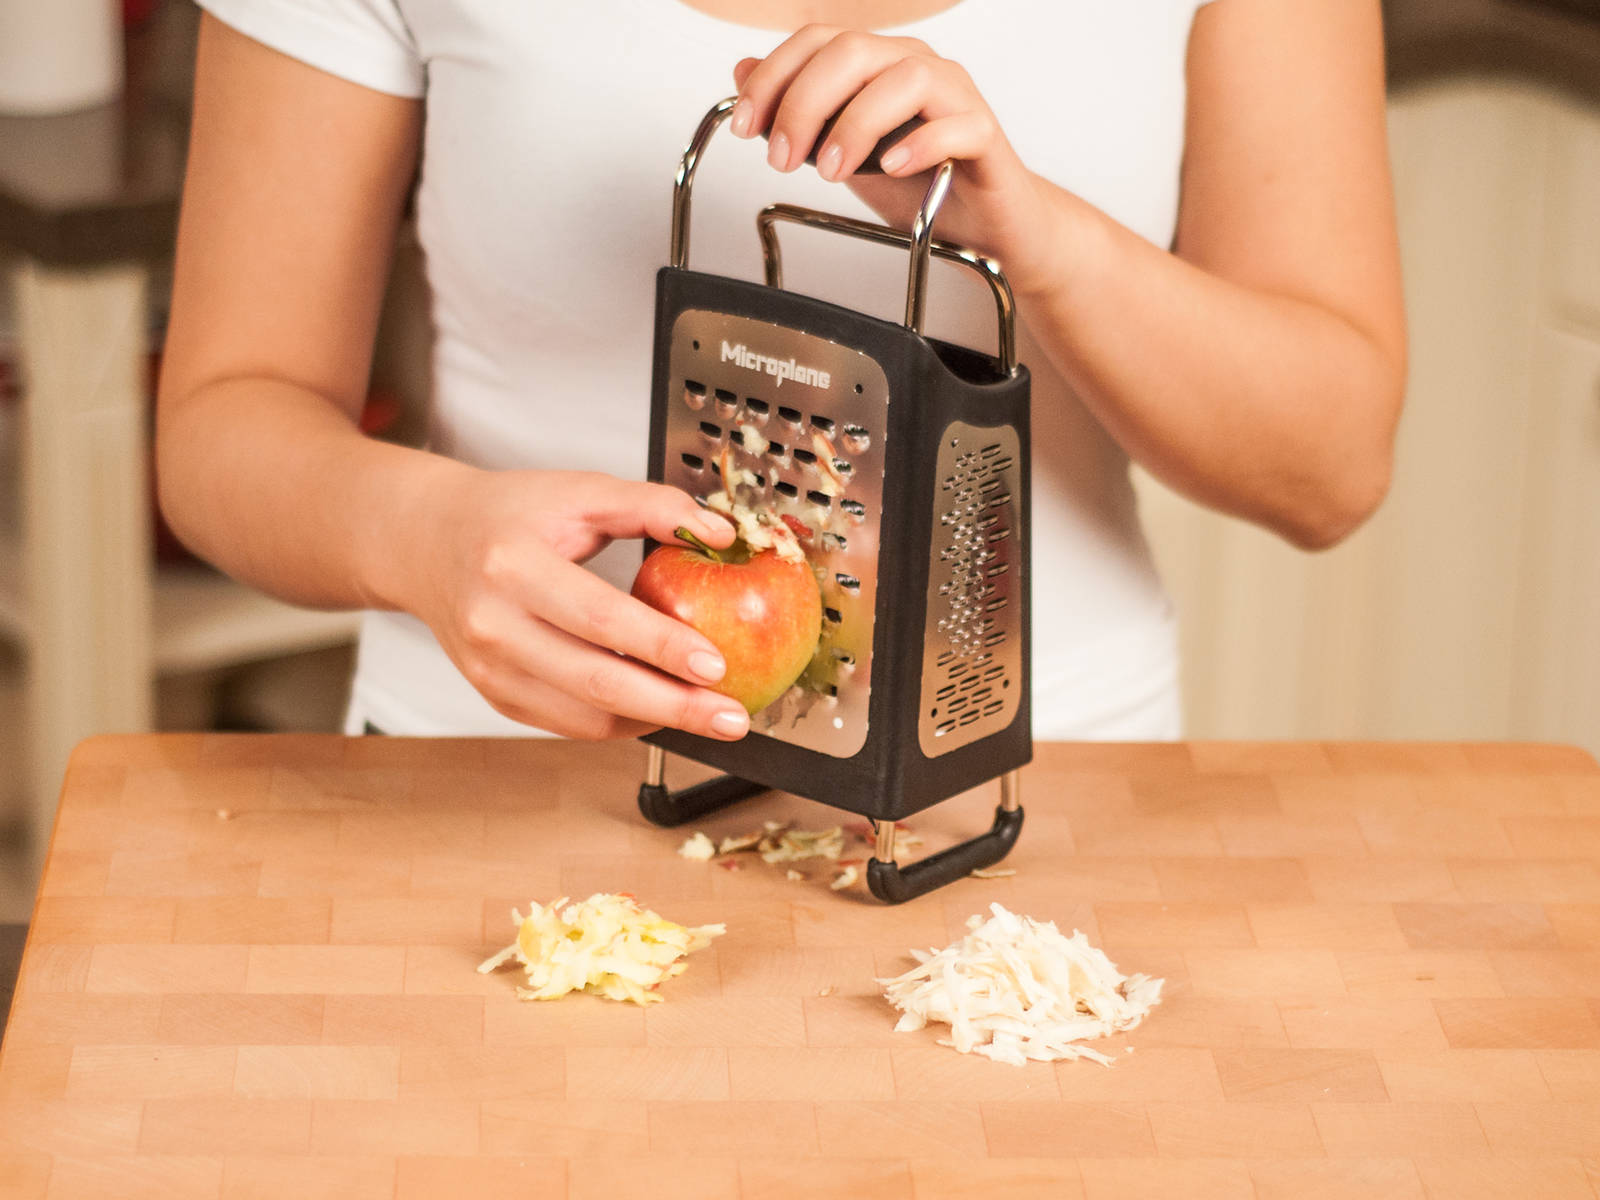 削掉根芹皮。用盒式擦菜板上的大孔面擦碎根芹和苹果。